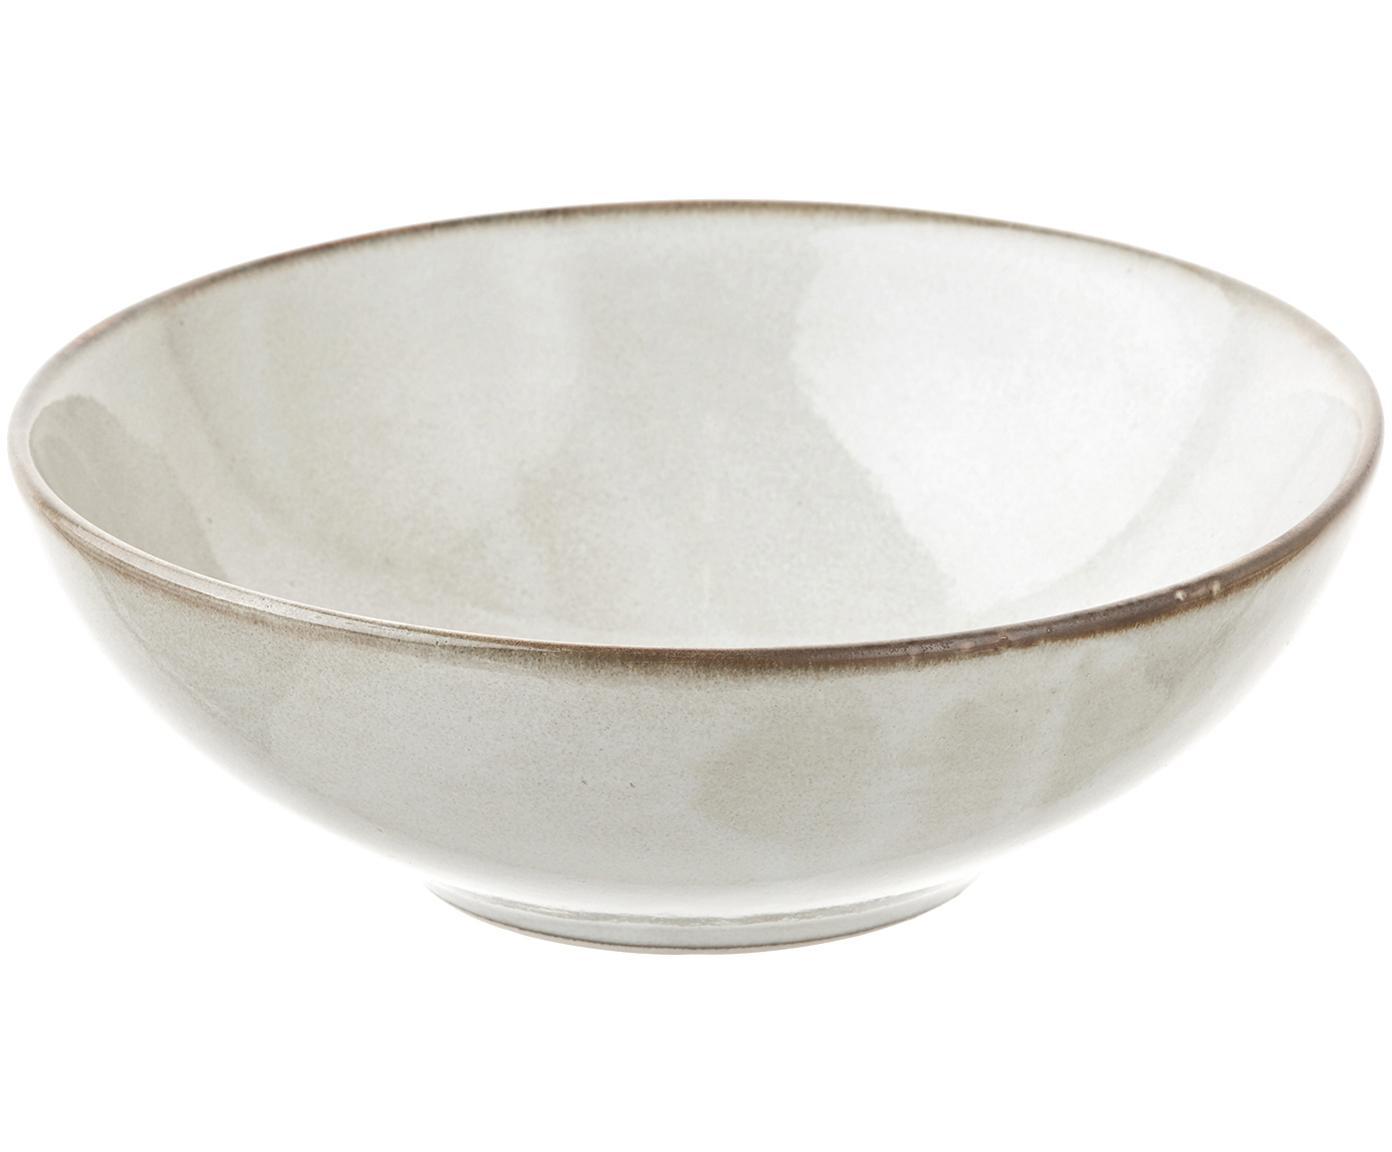 Handgemachte Suppenteller Thalia, 2 Stück, Steinzeug, Creme mit dunklem Rand, Ø 18 x H 6 cm